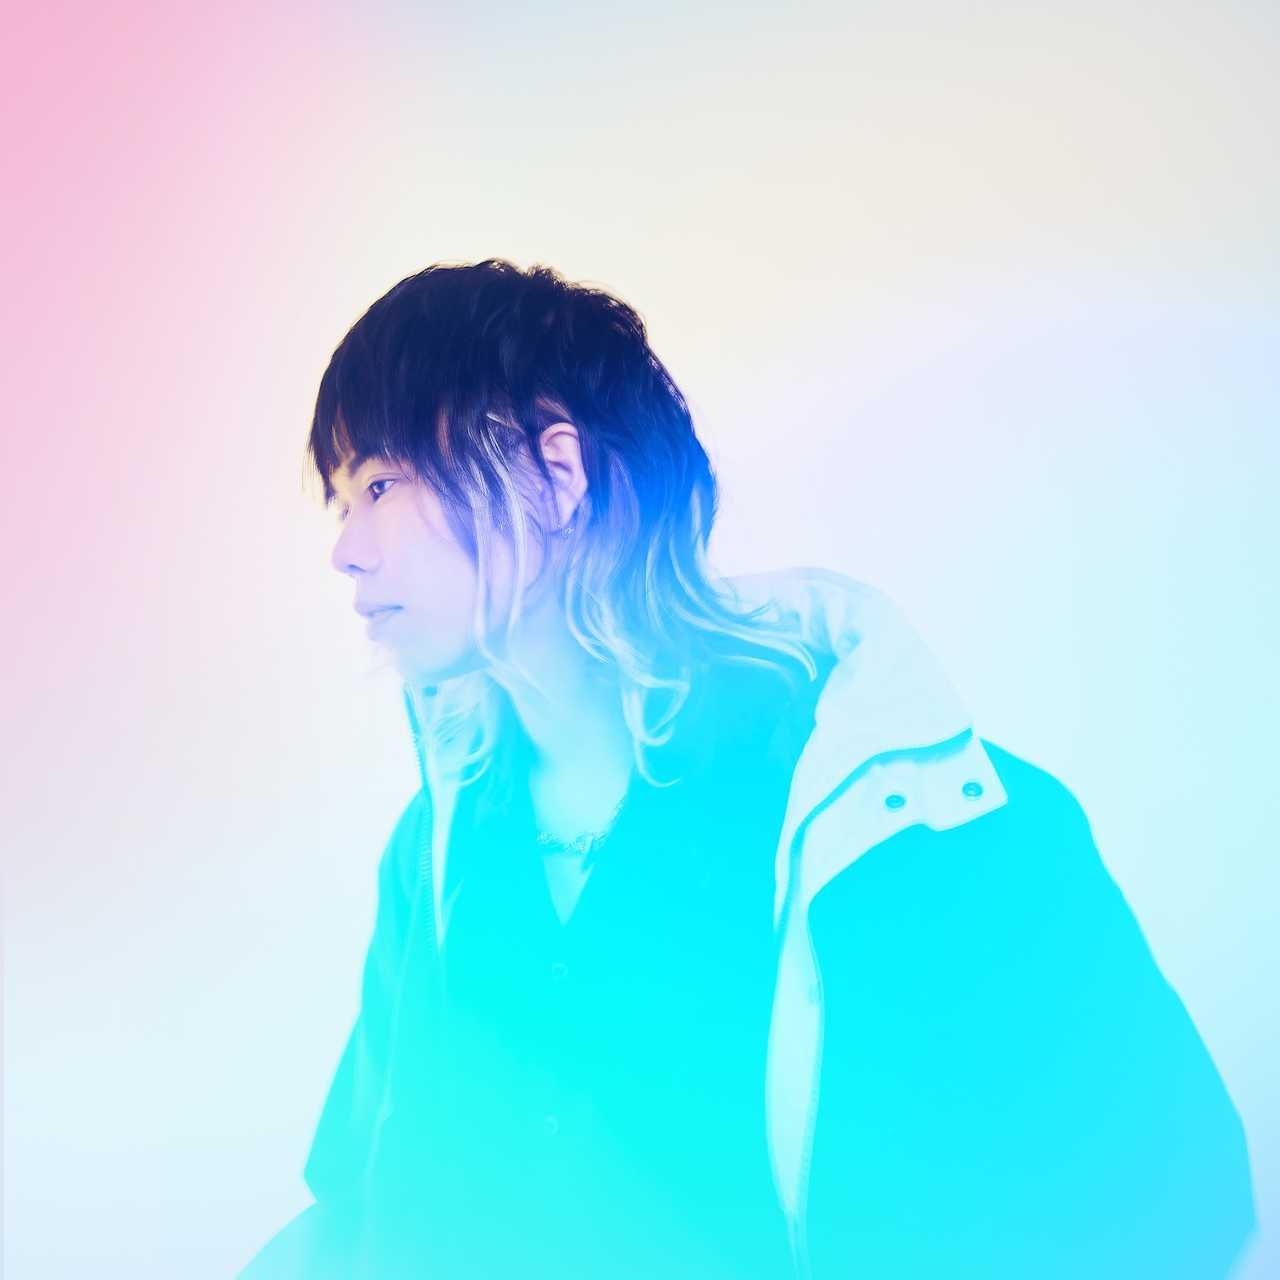 神山羊、待望のニューデジタルシングル「Girl.」8月25日リリース決定!